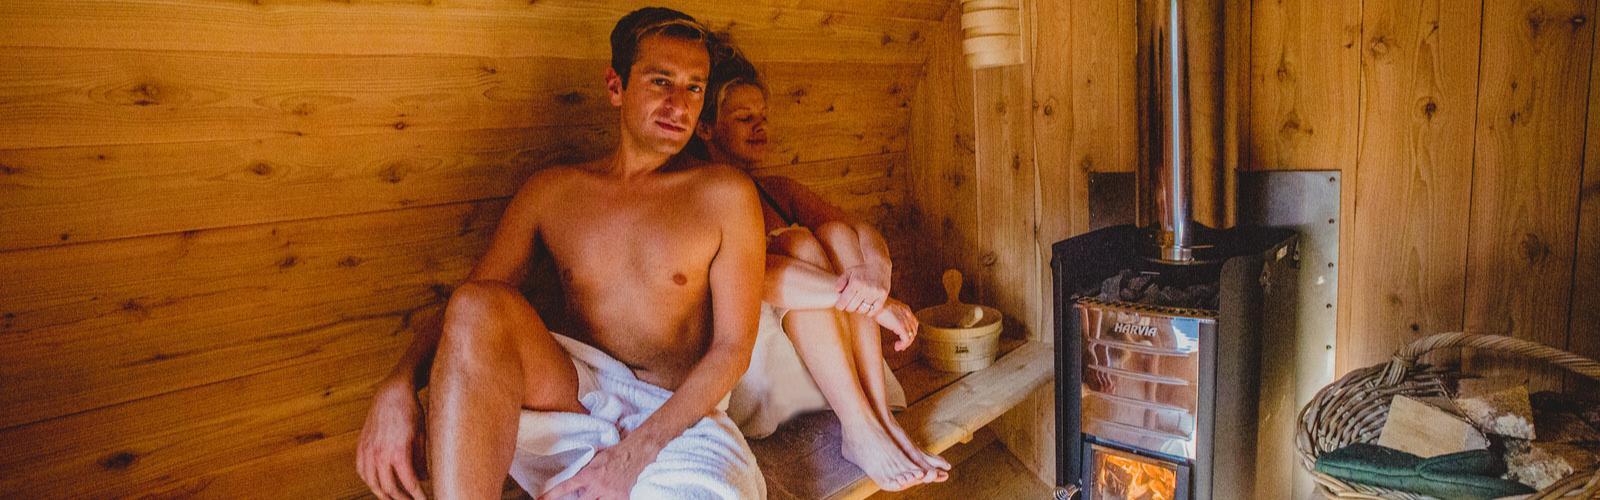 180828 show sauna 13